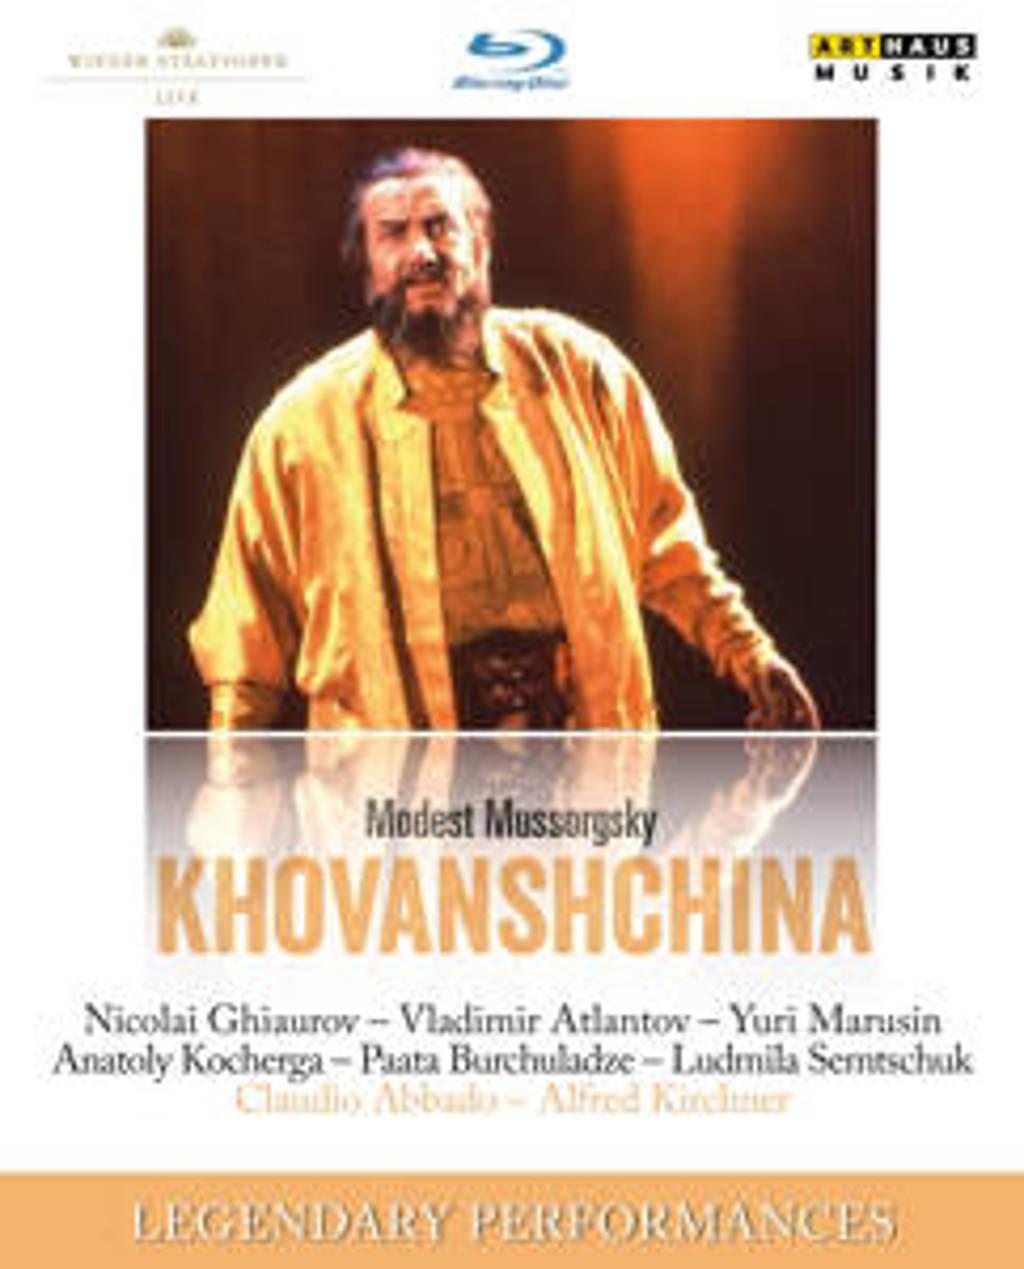 Chiaurov,Atlantov,Marusin - Legendary Performances Khovanshchin (Blu-ray)